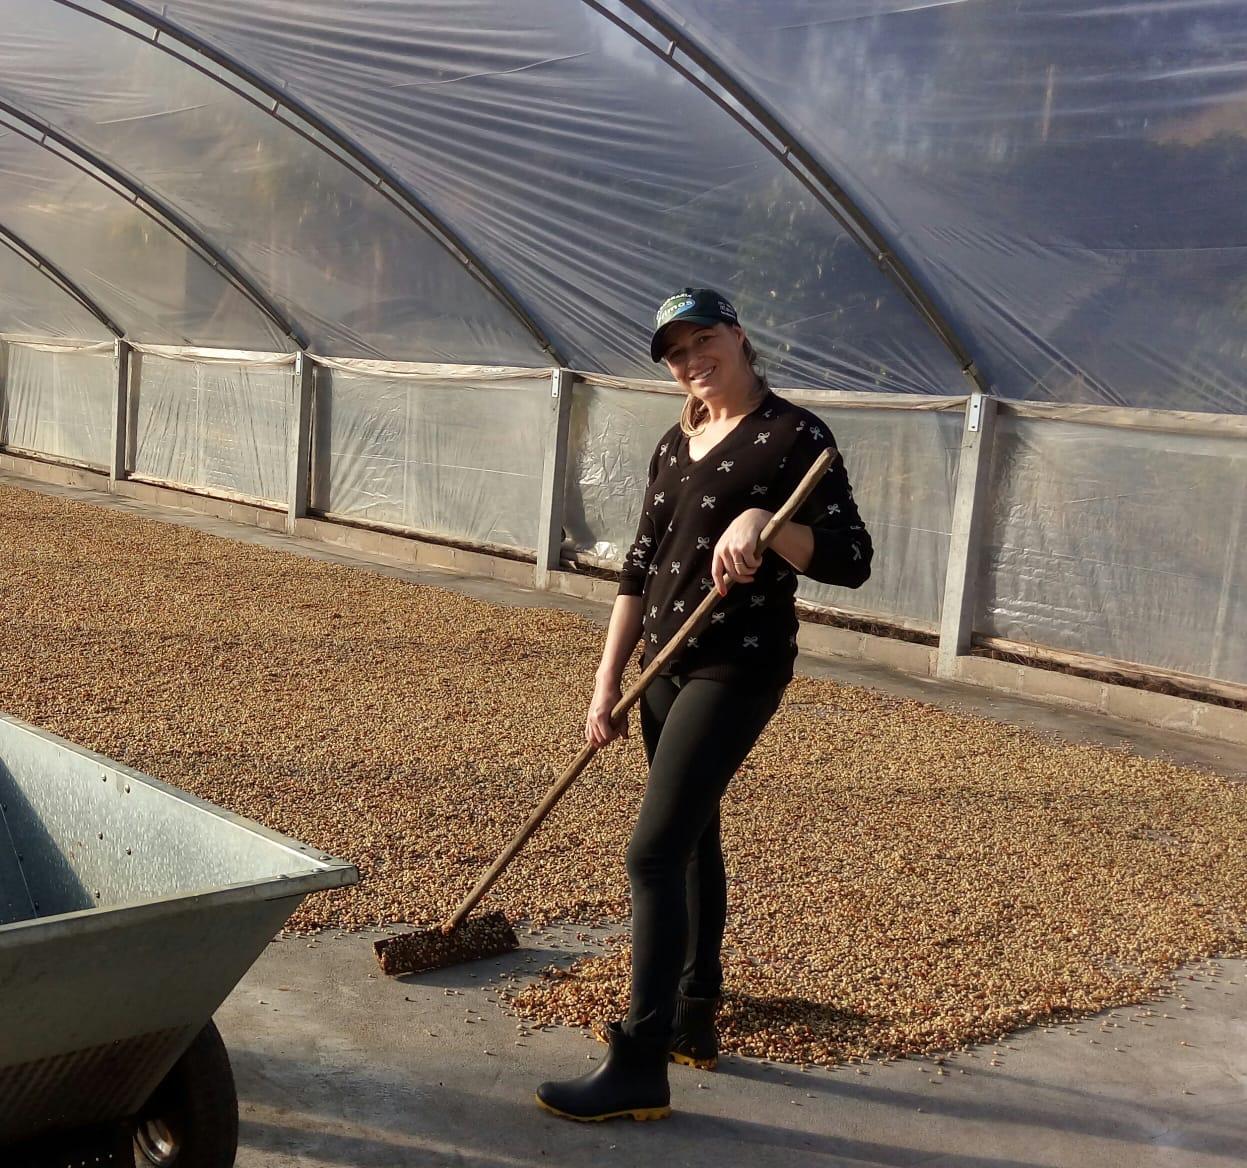 Alessandra rodando café no terreiro